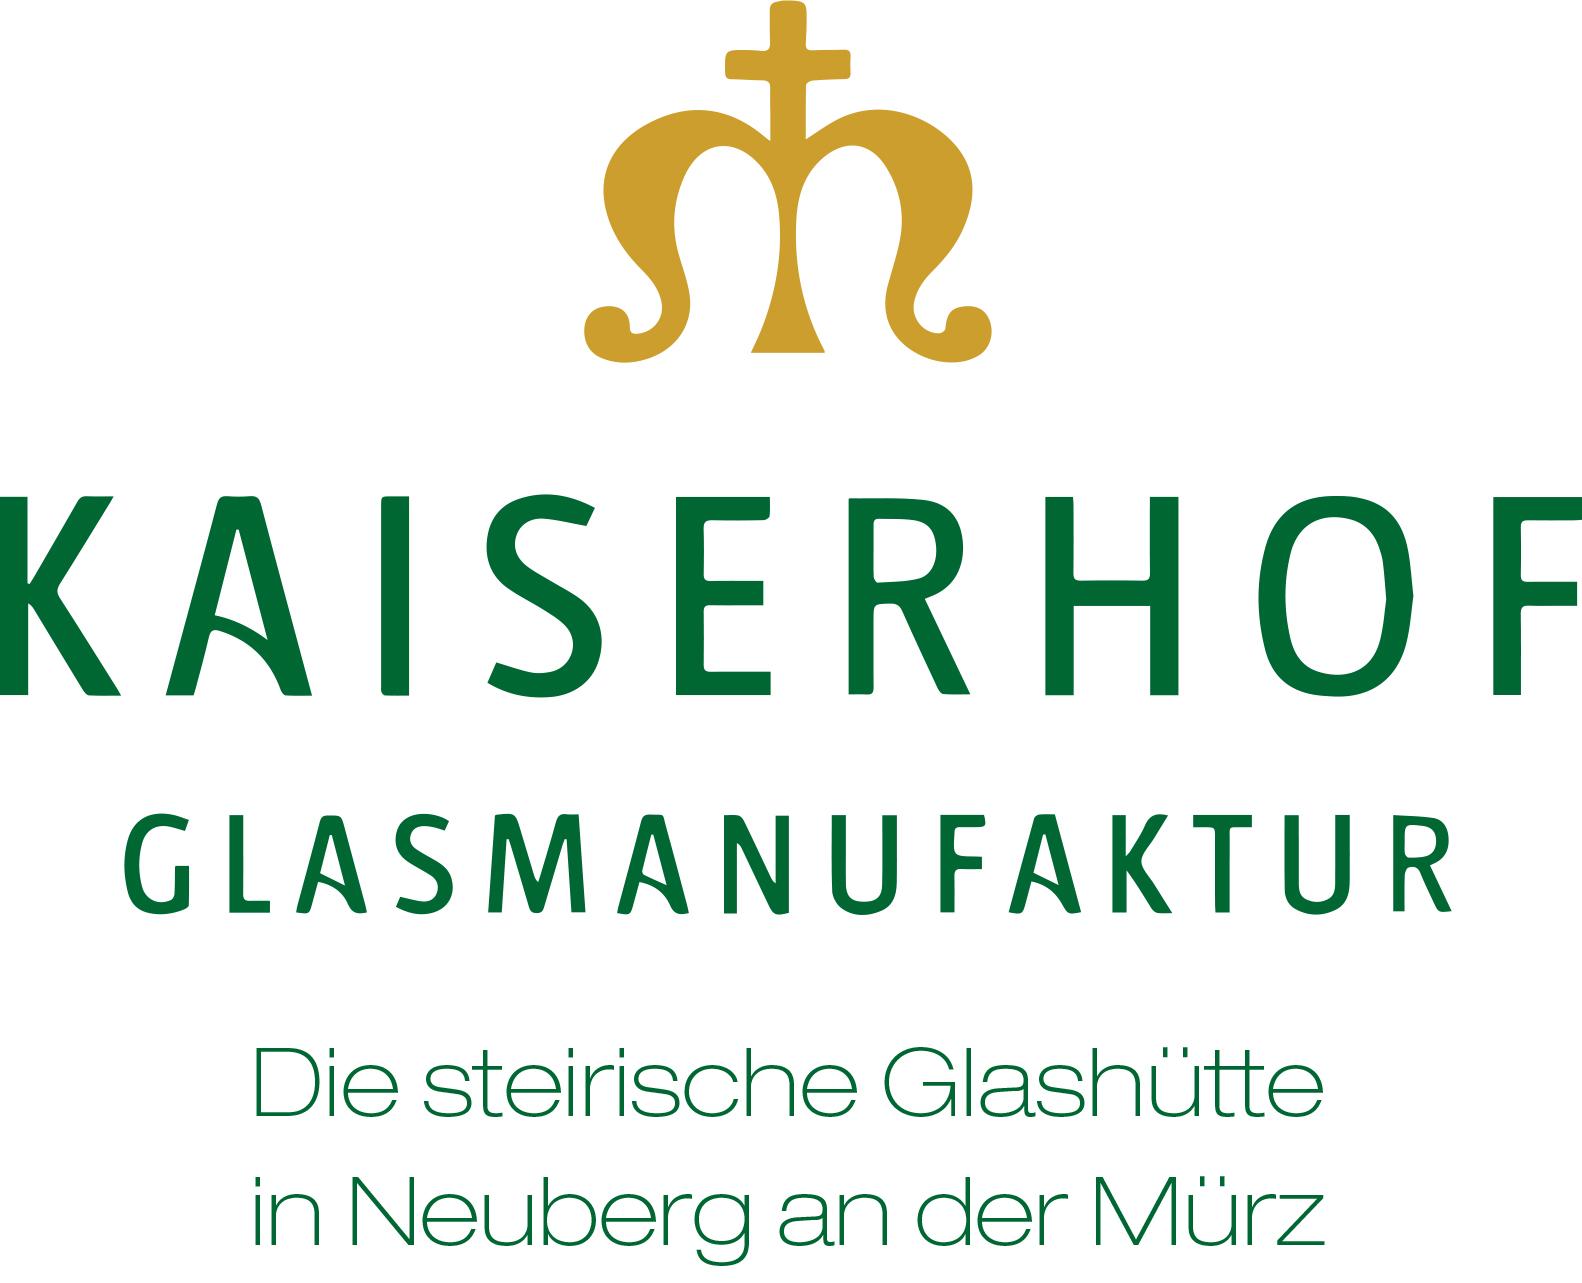 logo-kaiserhof-glasmanufaktur-glashtte-vektor-1